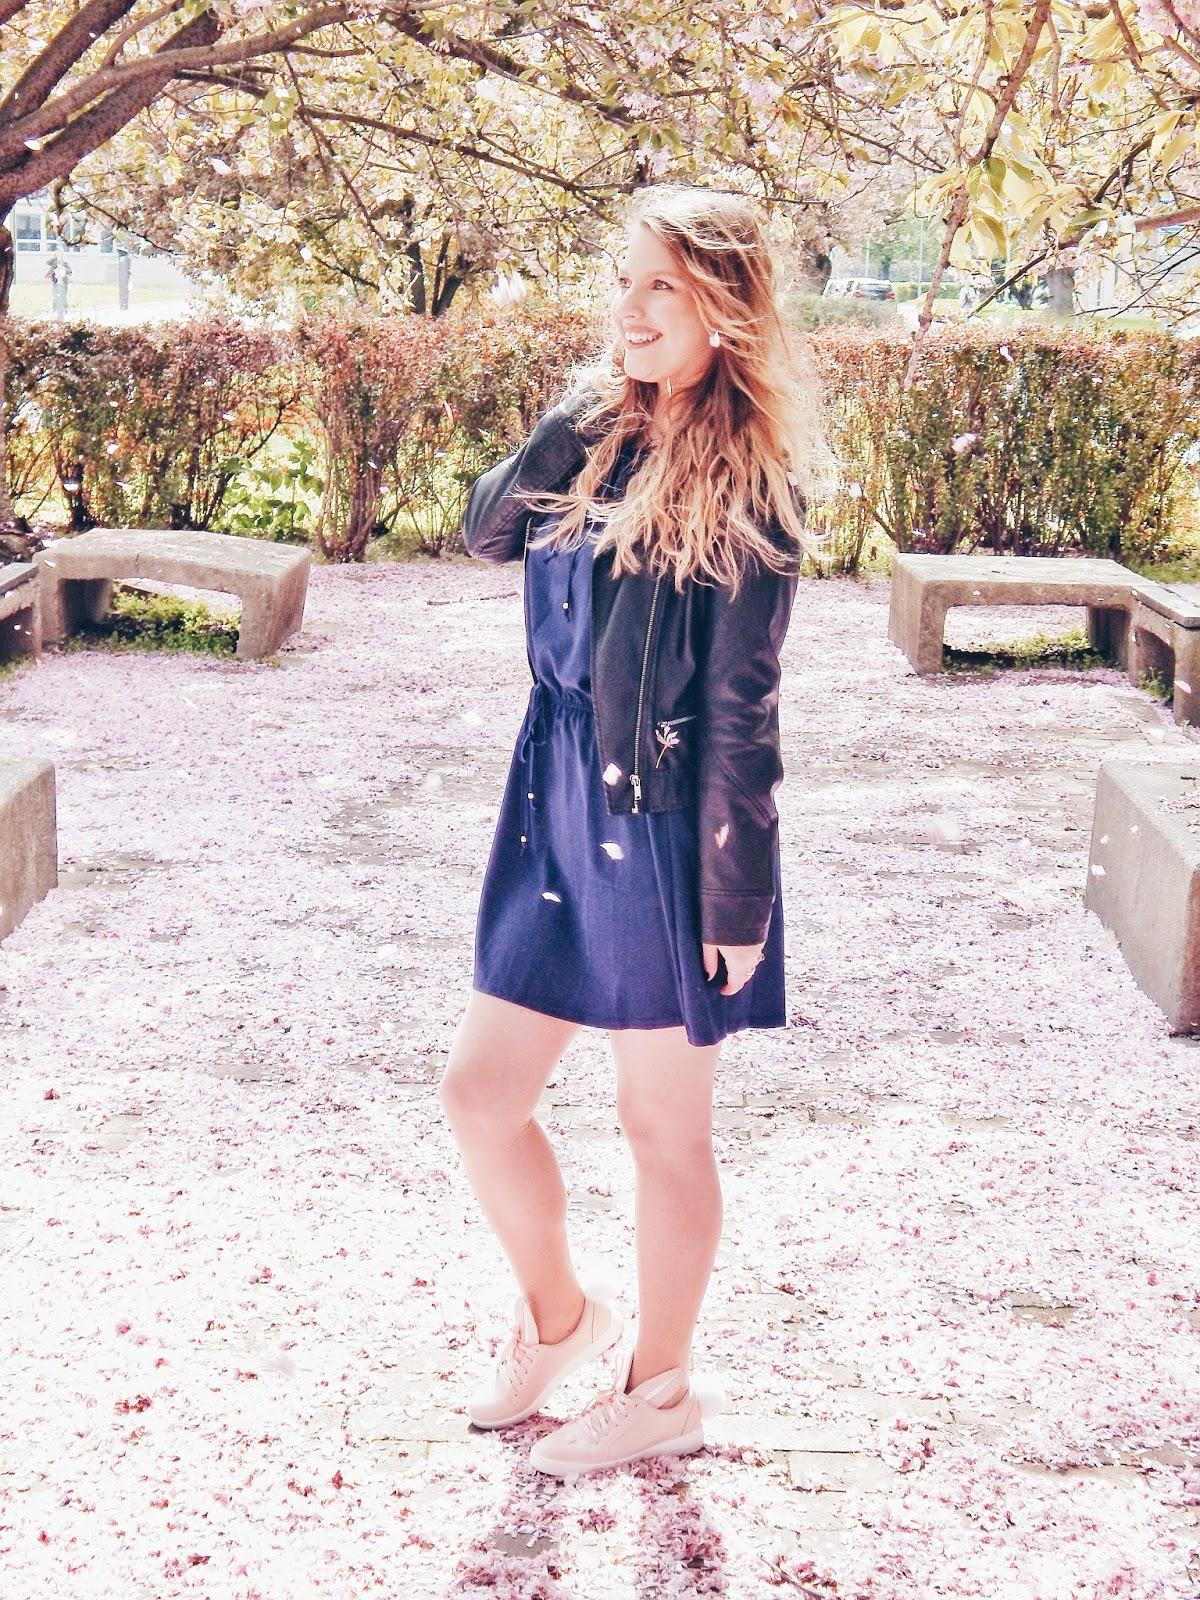 9 melodylaniella gamiss manzana różowe sneakersy króliczki granatowa sukienka skórzana ramoneska pikowana listonoszka szara manzana praga photoshoot sesja zdjęciowa fashion style modnapolka lookbook ootd girls